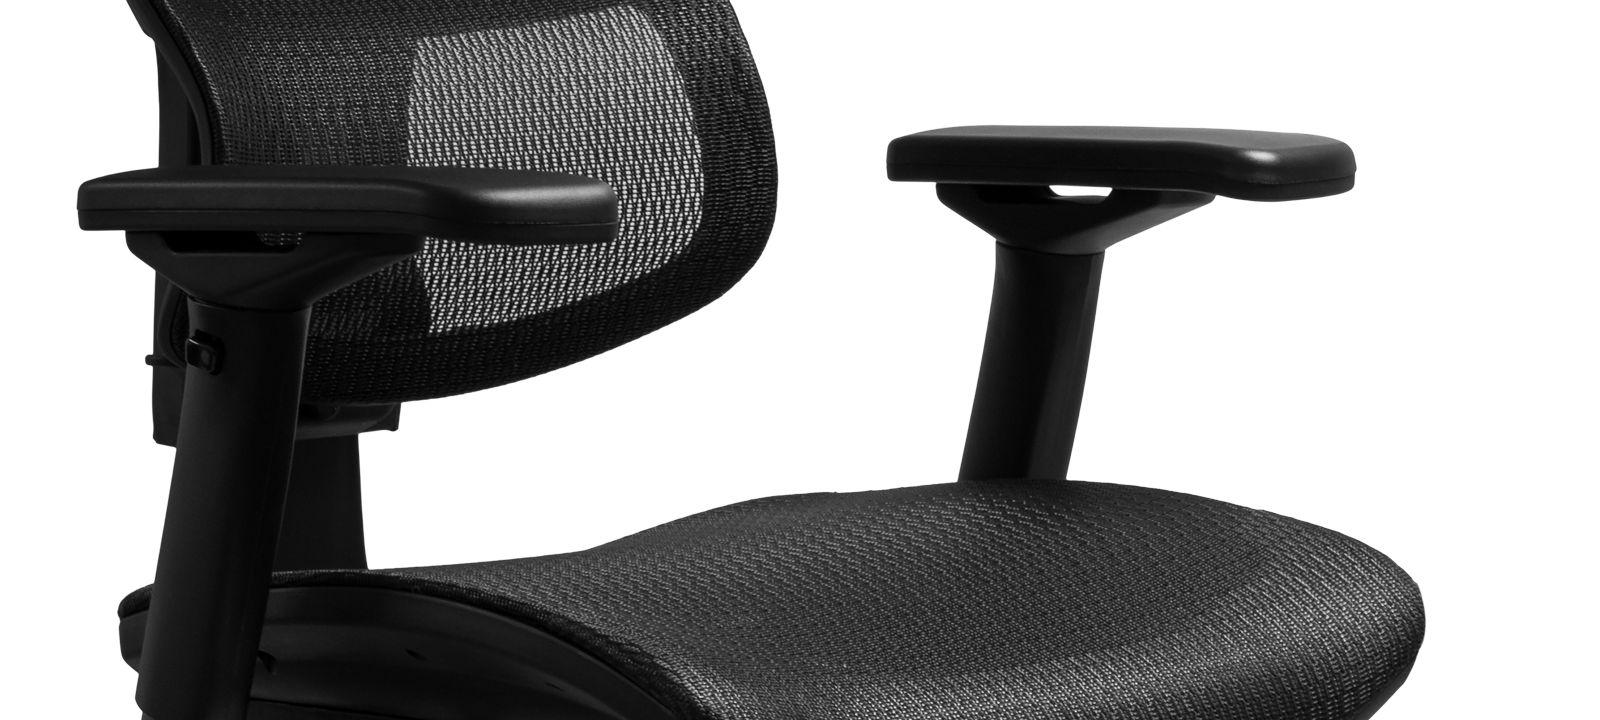 Эргономичное компьютерное кресло Сomfort Seating Mirus подлокотники